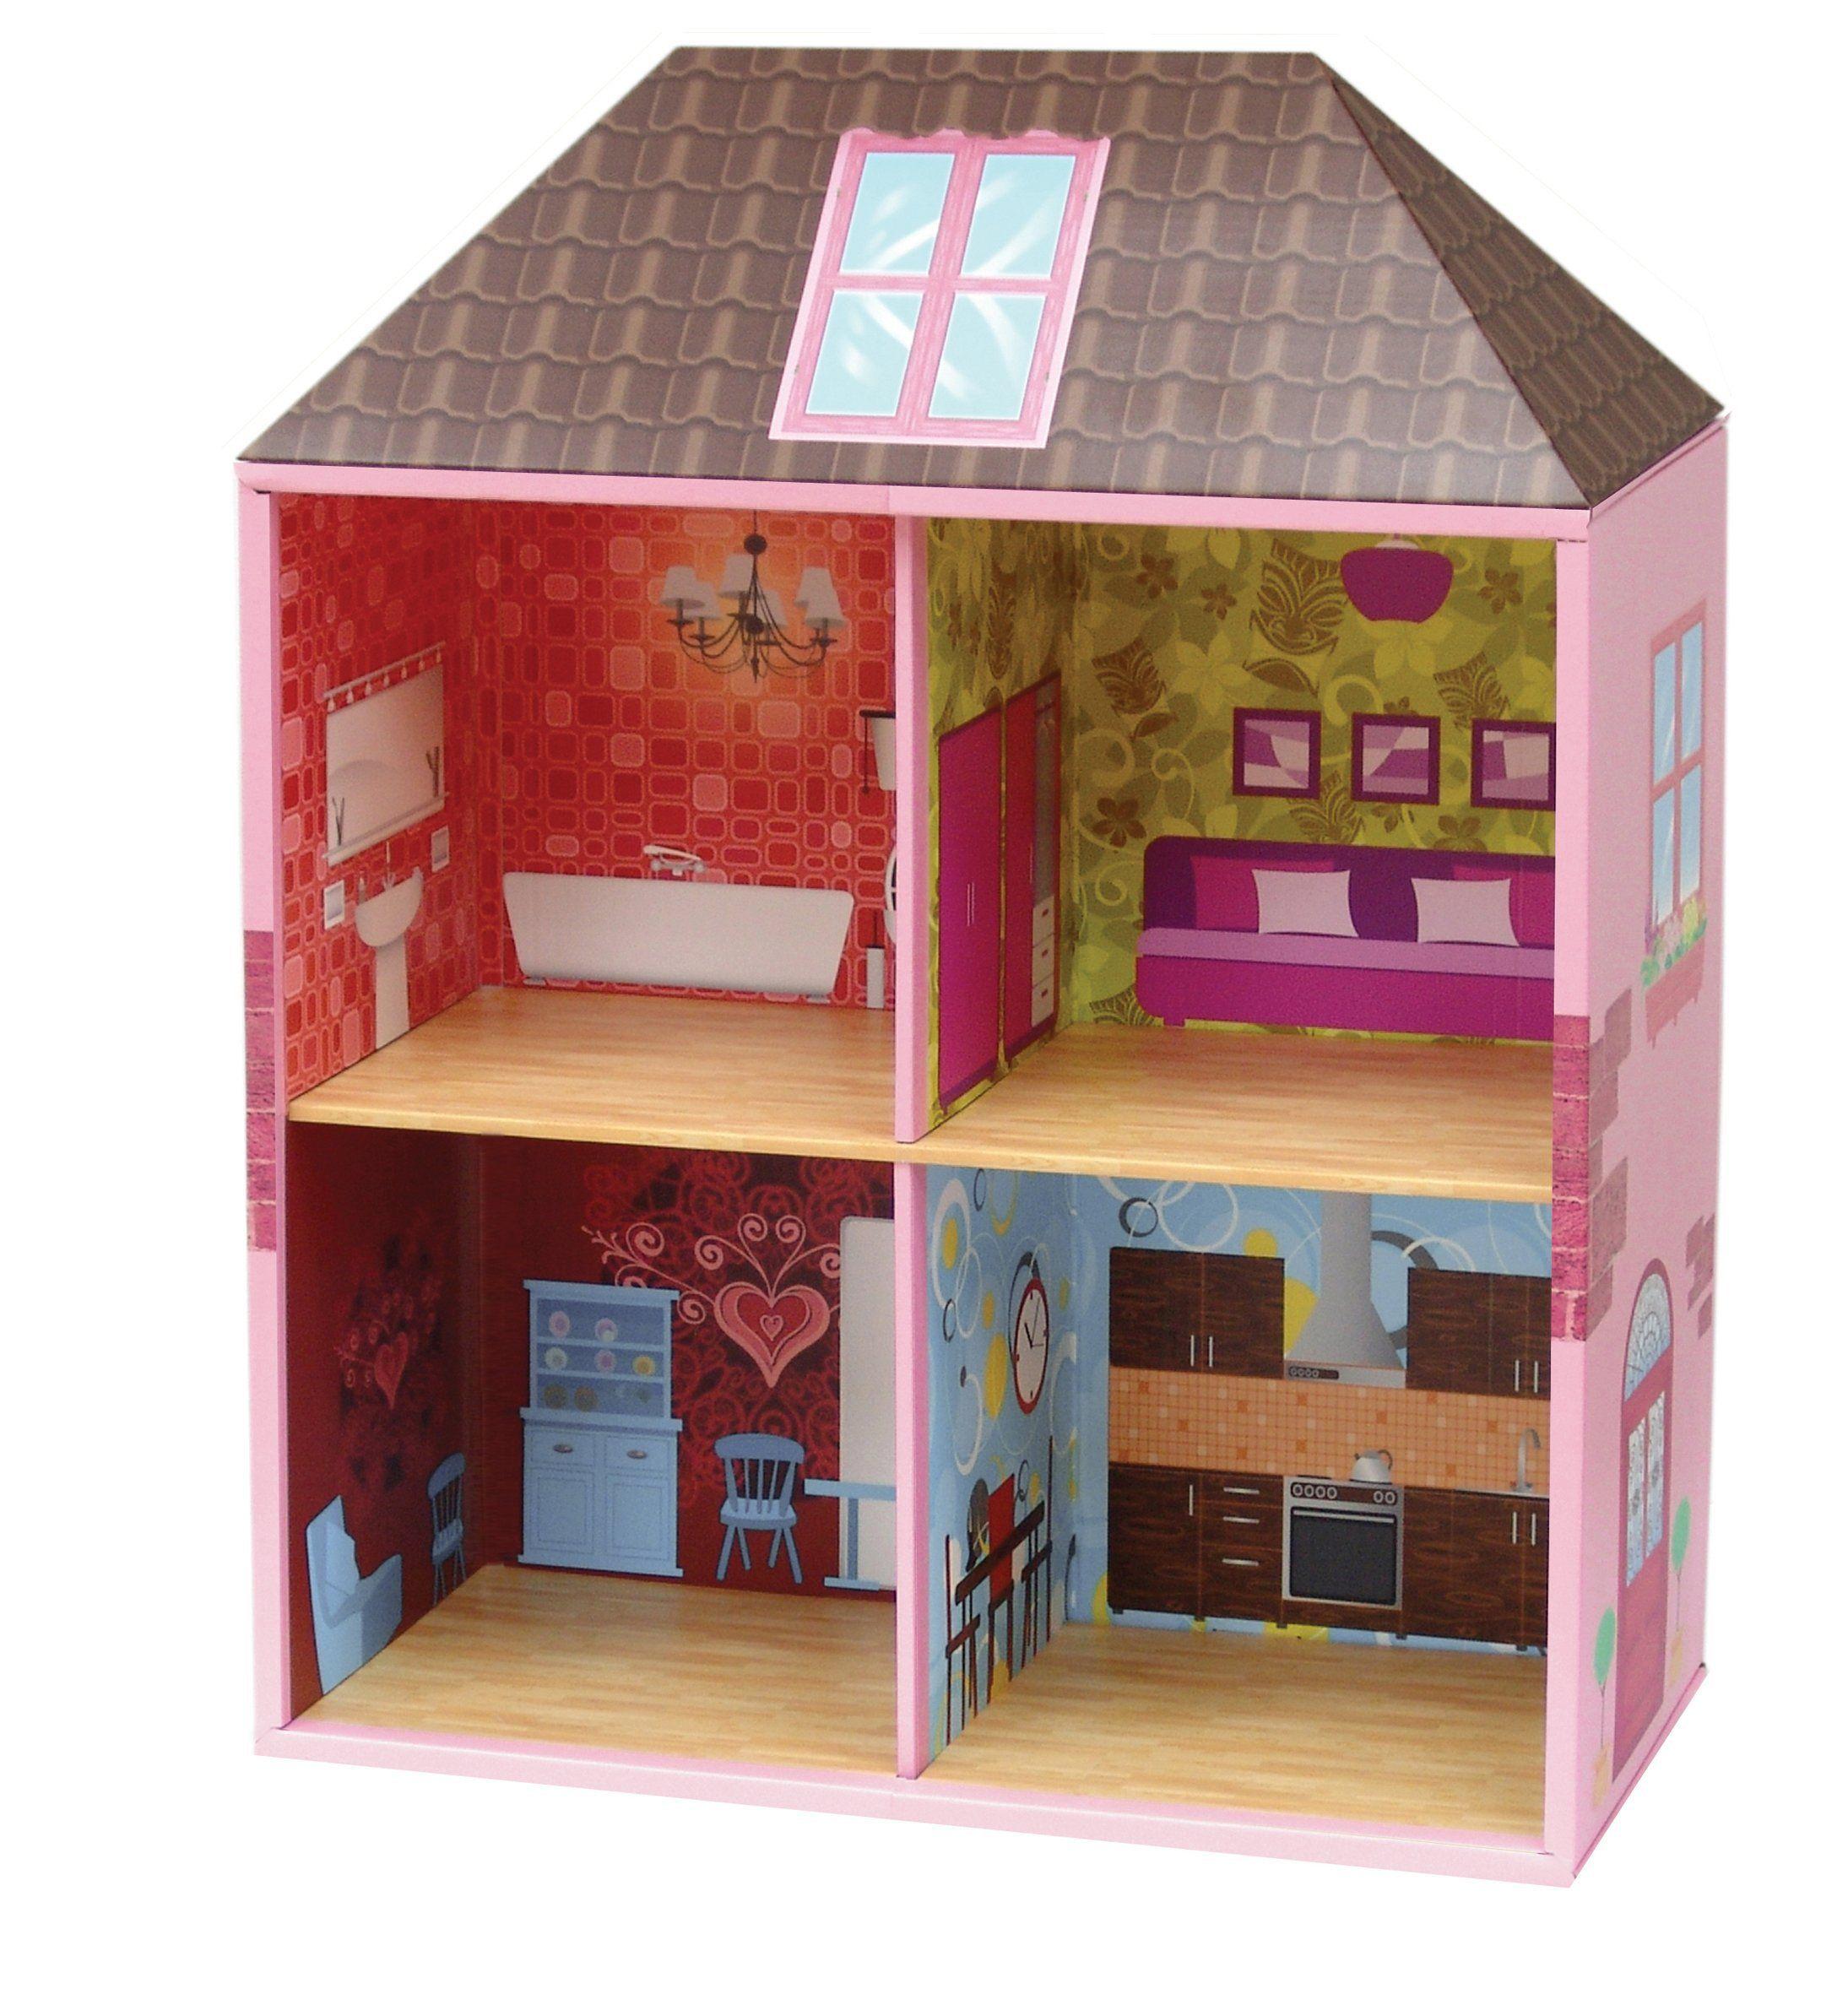 35 ideas para hacer una casita de mu ecas de vacaciones - Casa munecas eurekakids ...